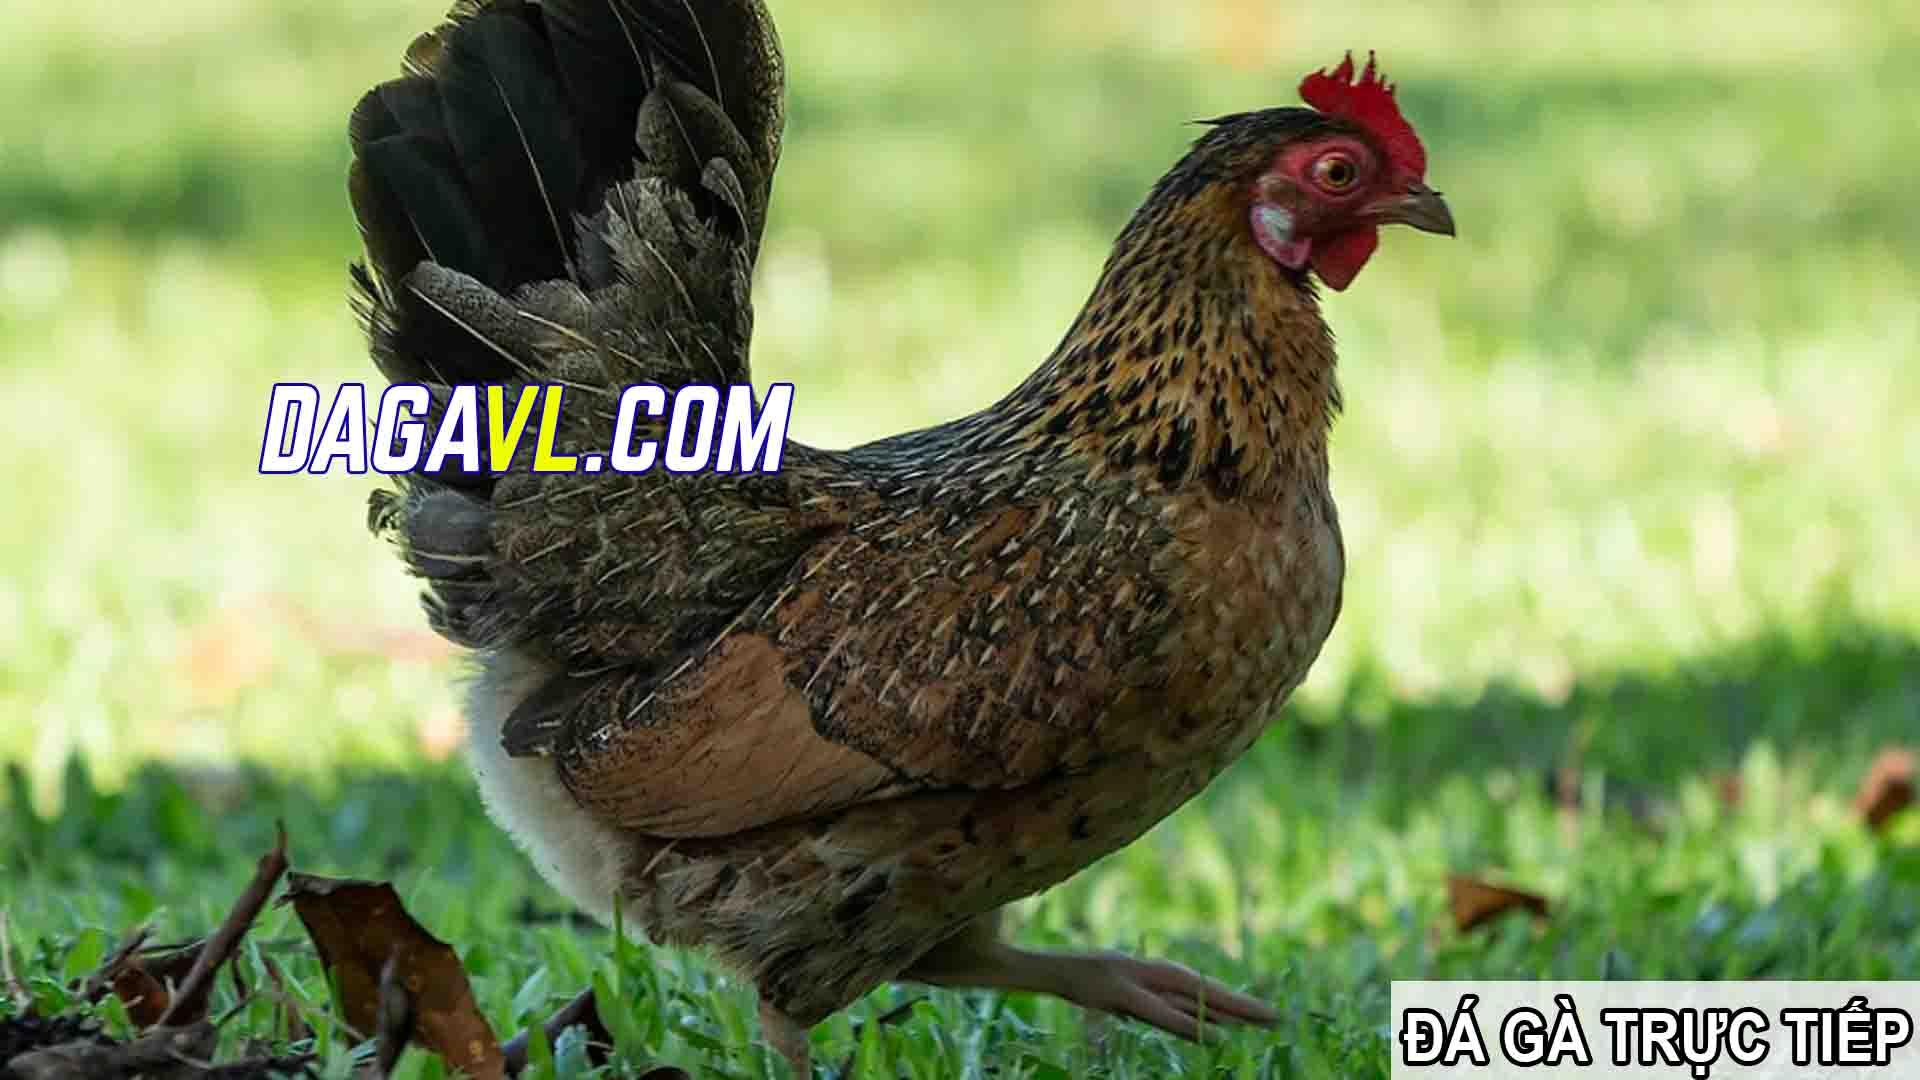 DAGAVL.COM - Đá gà trực tiếp - Cho gà ở gần gà mái, cách huấn luyện gà đá khỏe mạnh